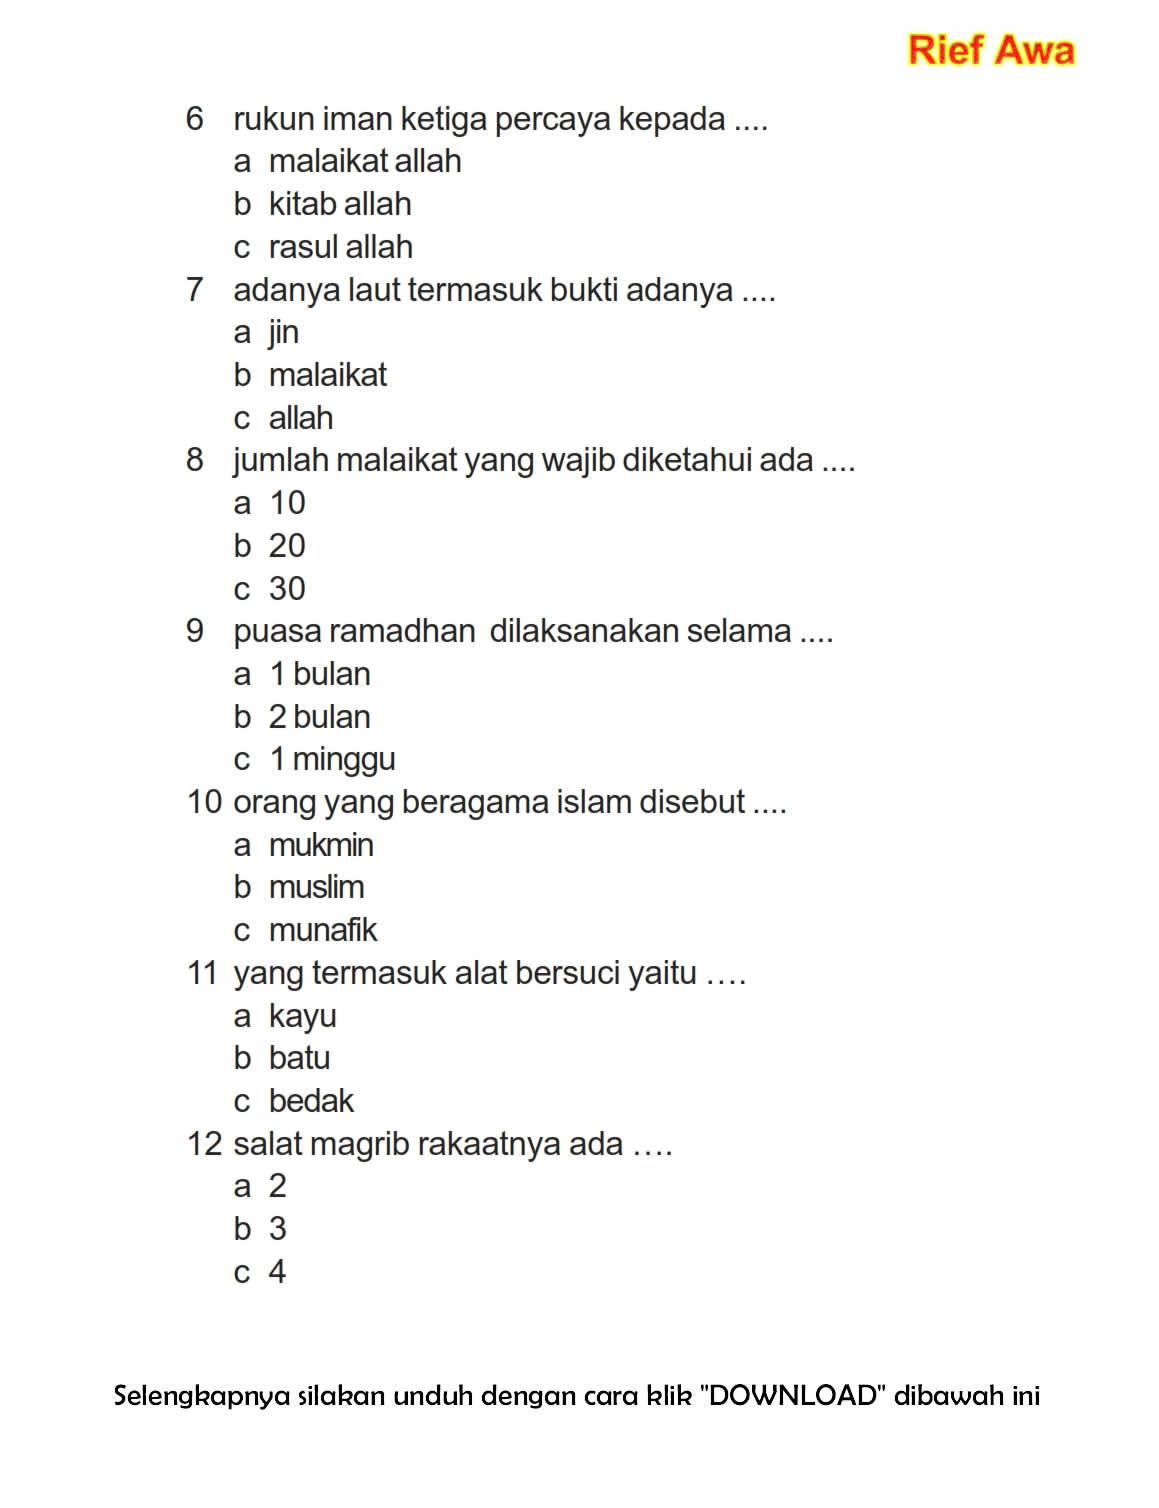 Download Soal Uas Ganjil Pendidikan Agama Islam Kelas 1